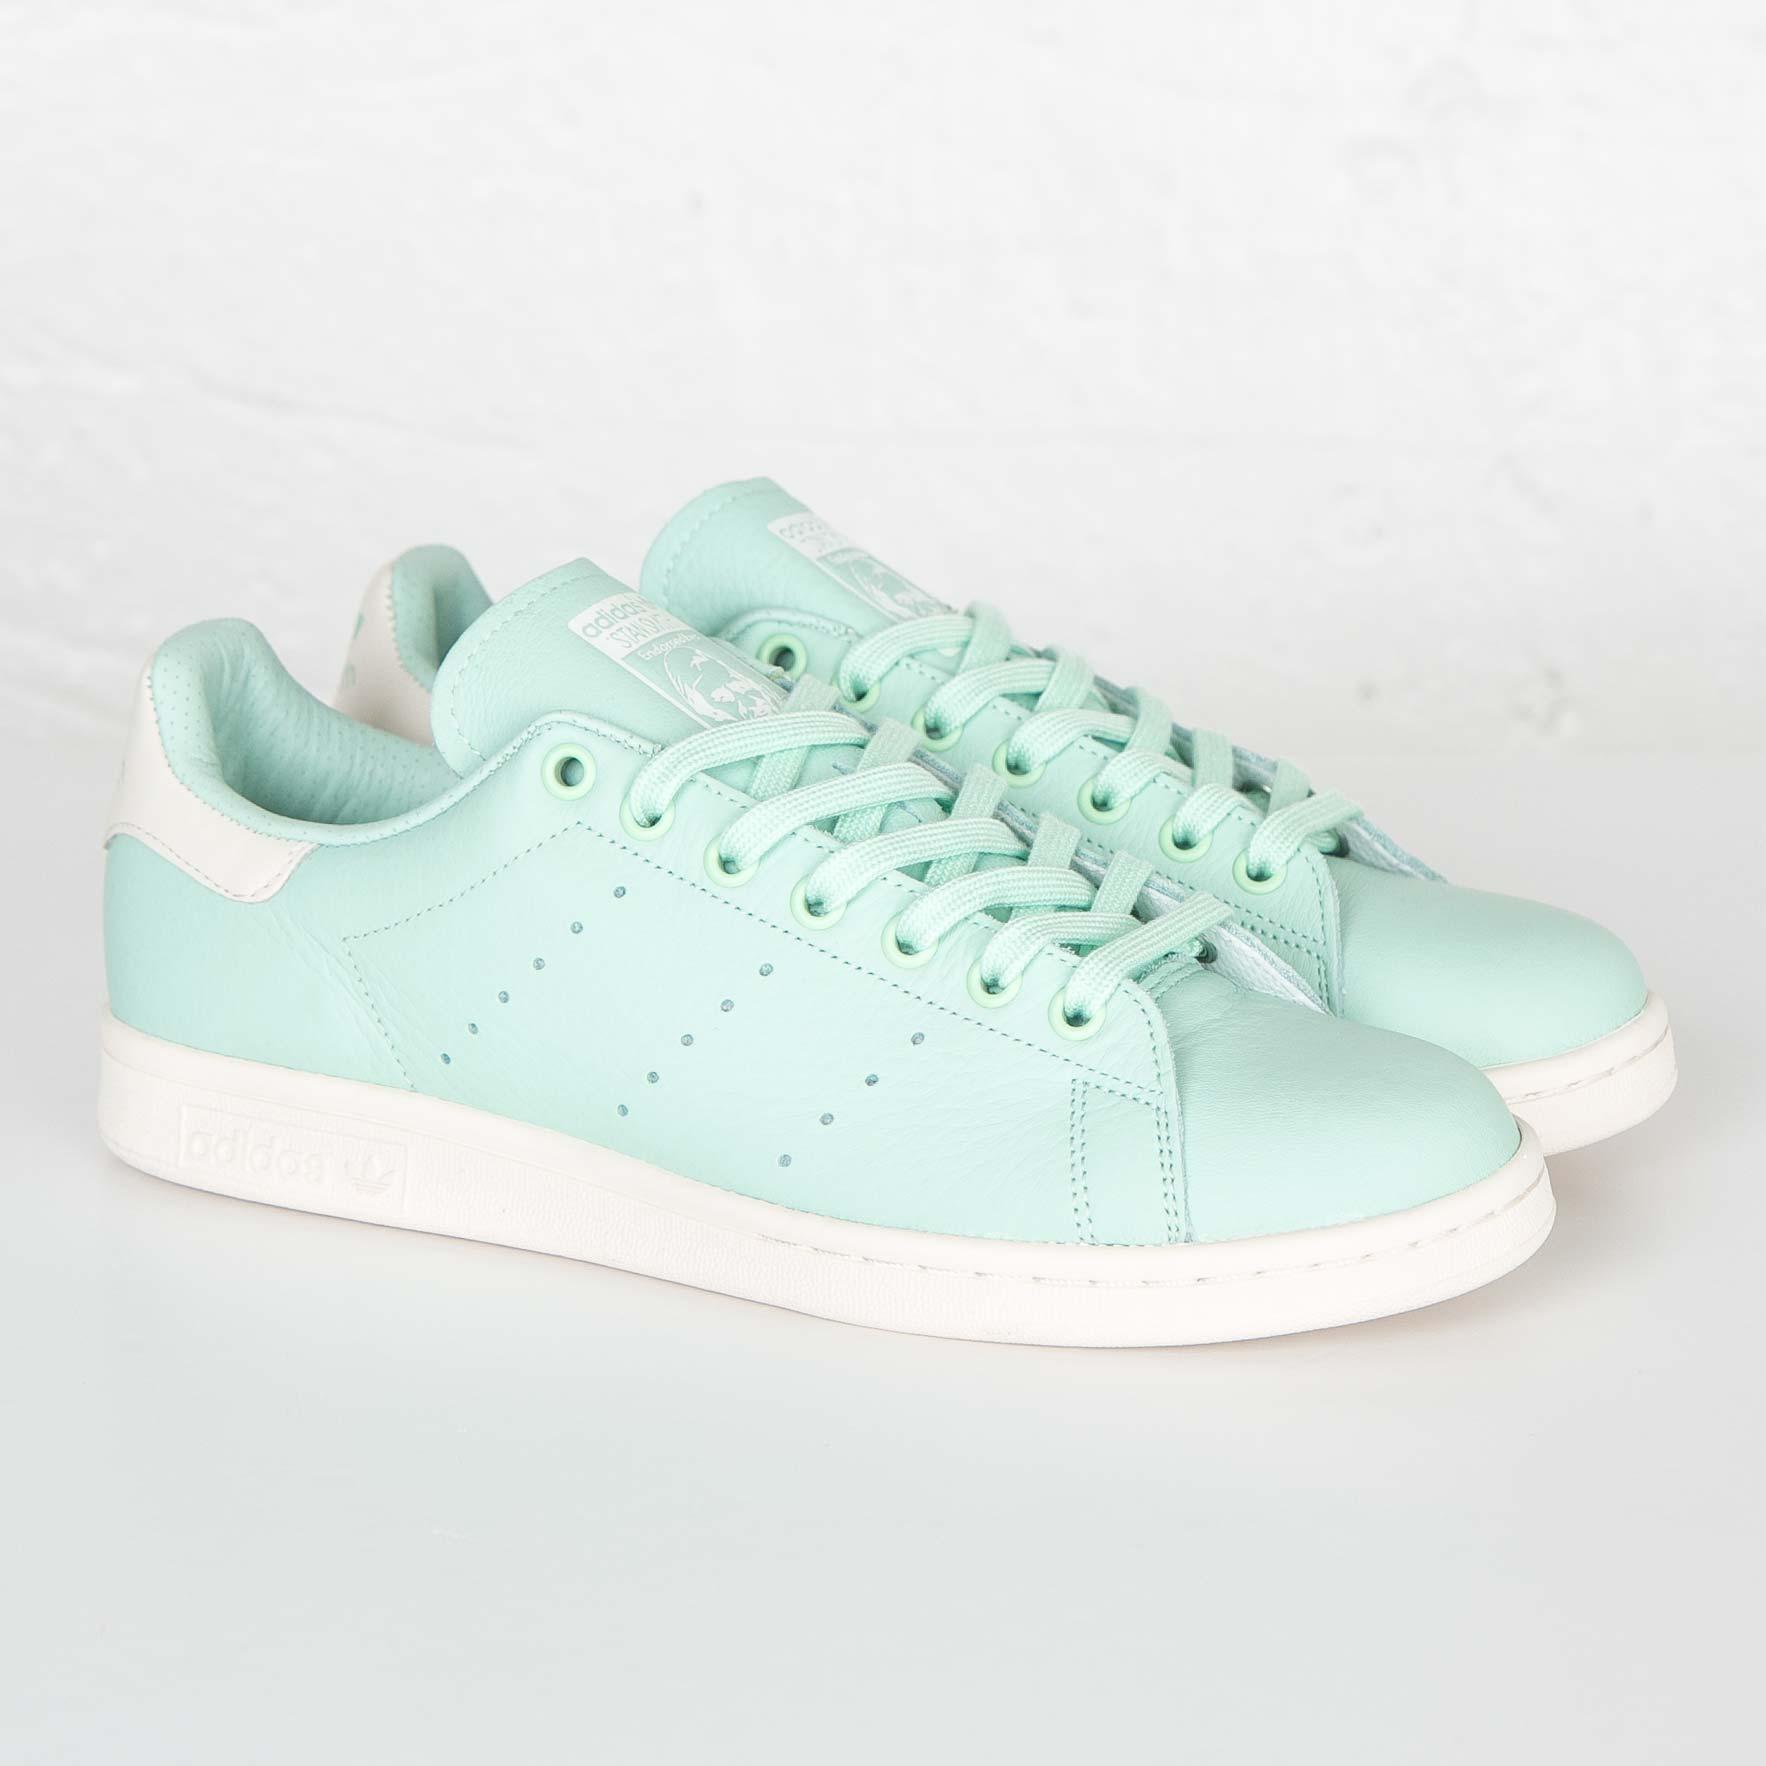 adidas stan smith s79301 sneakersnstuff scarpe & streetwear